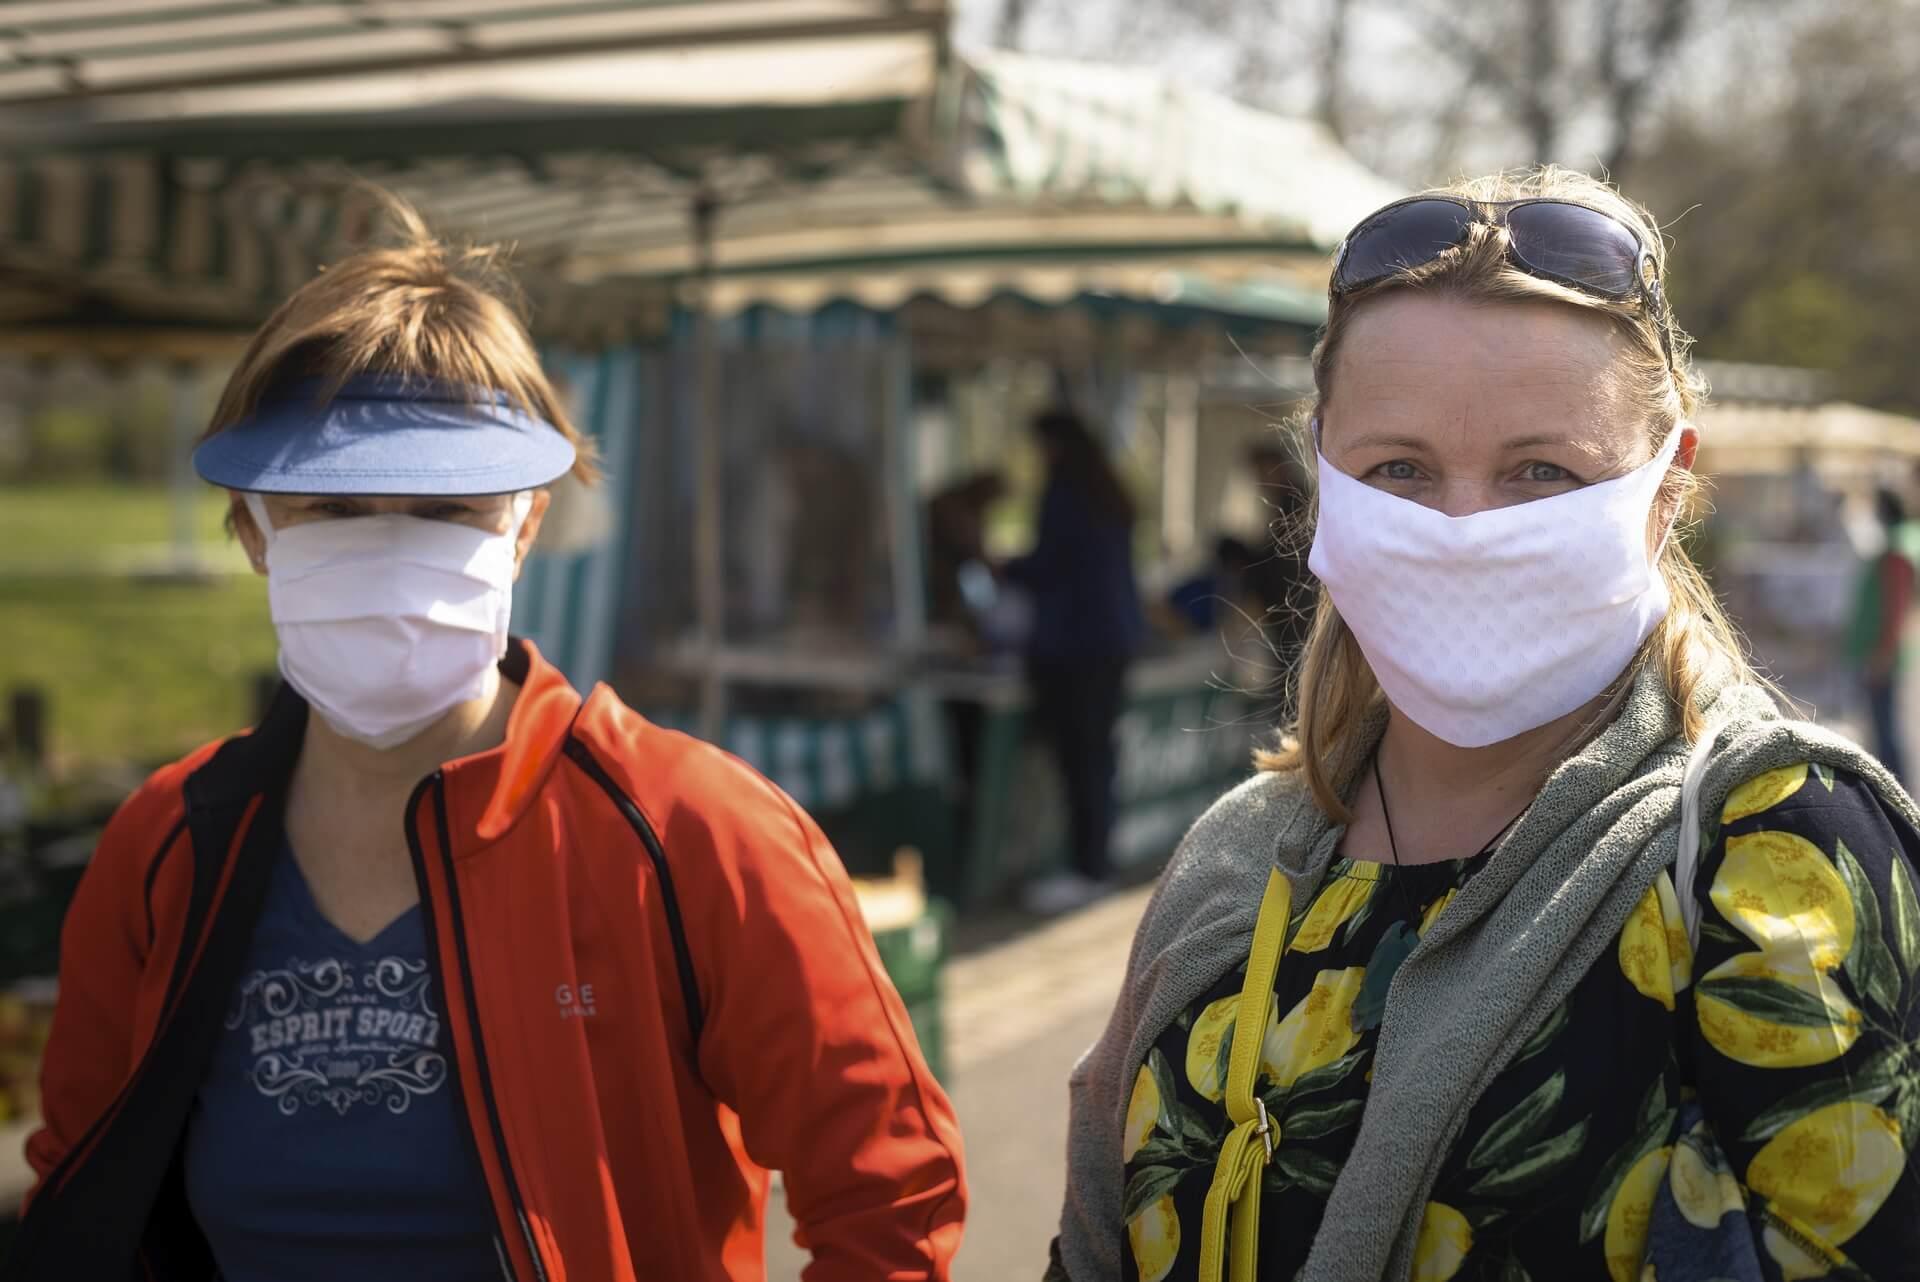 Dresden, Frühjahr 2020, Corona, Pandemie, Menschen, Marktbesucher mit Maske